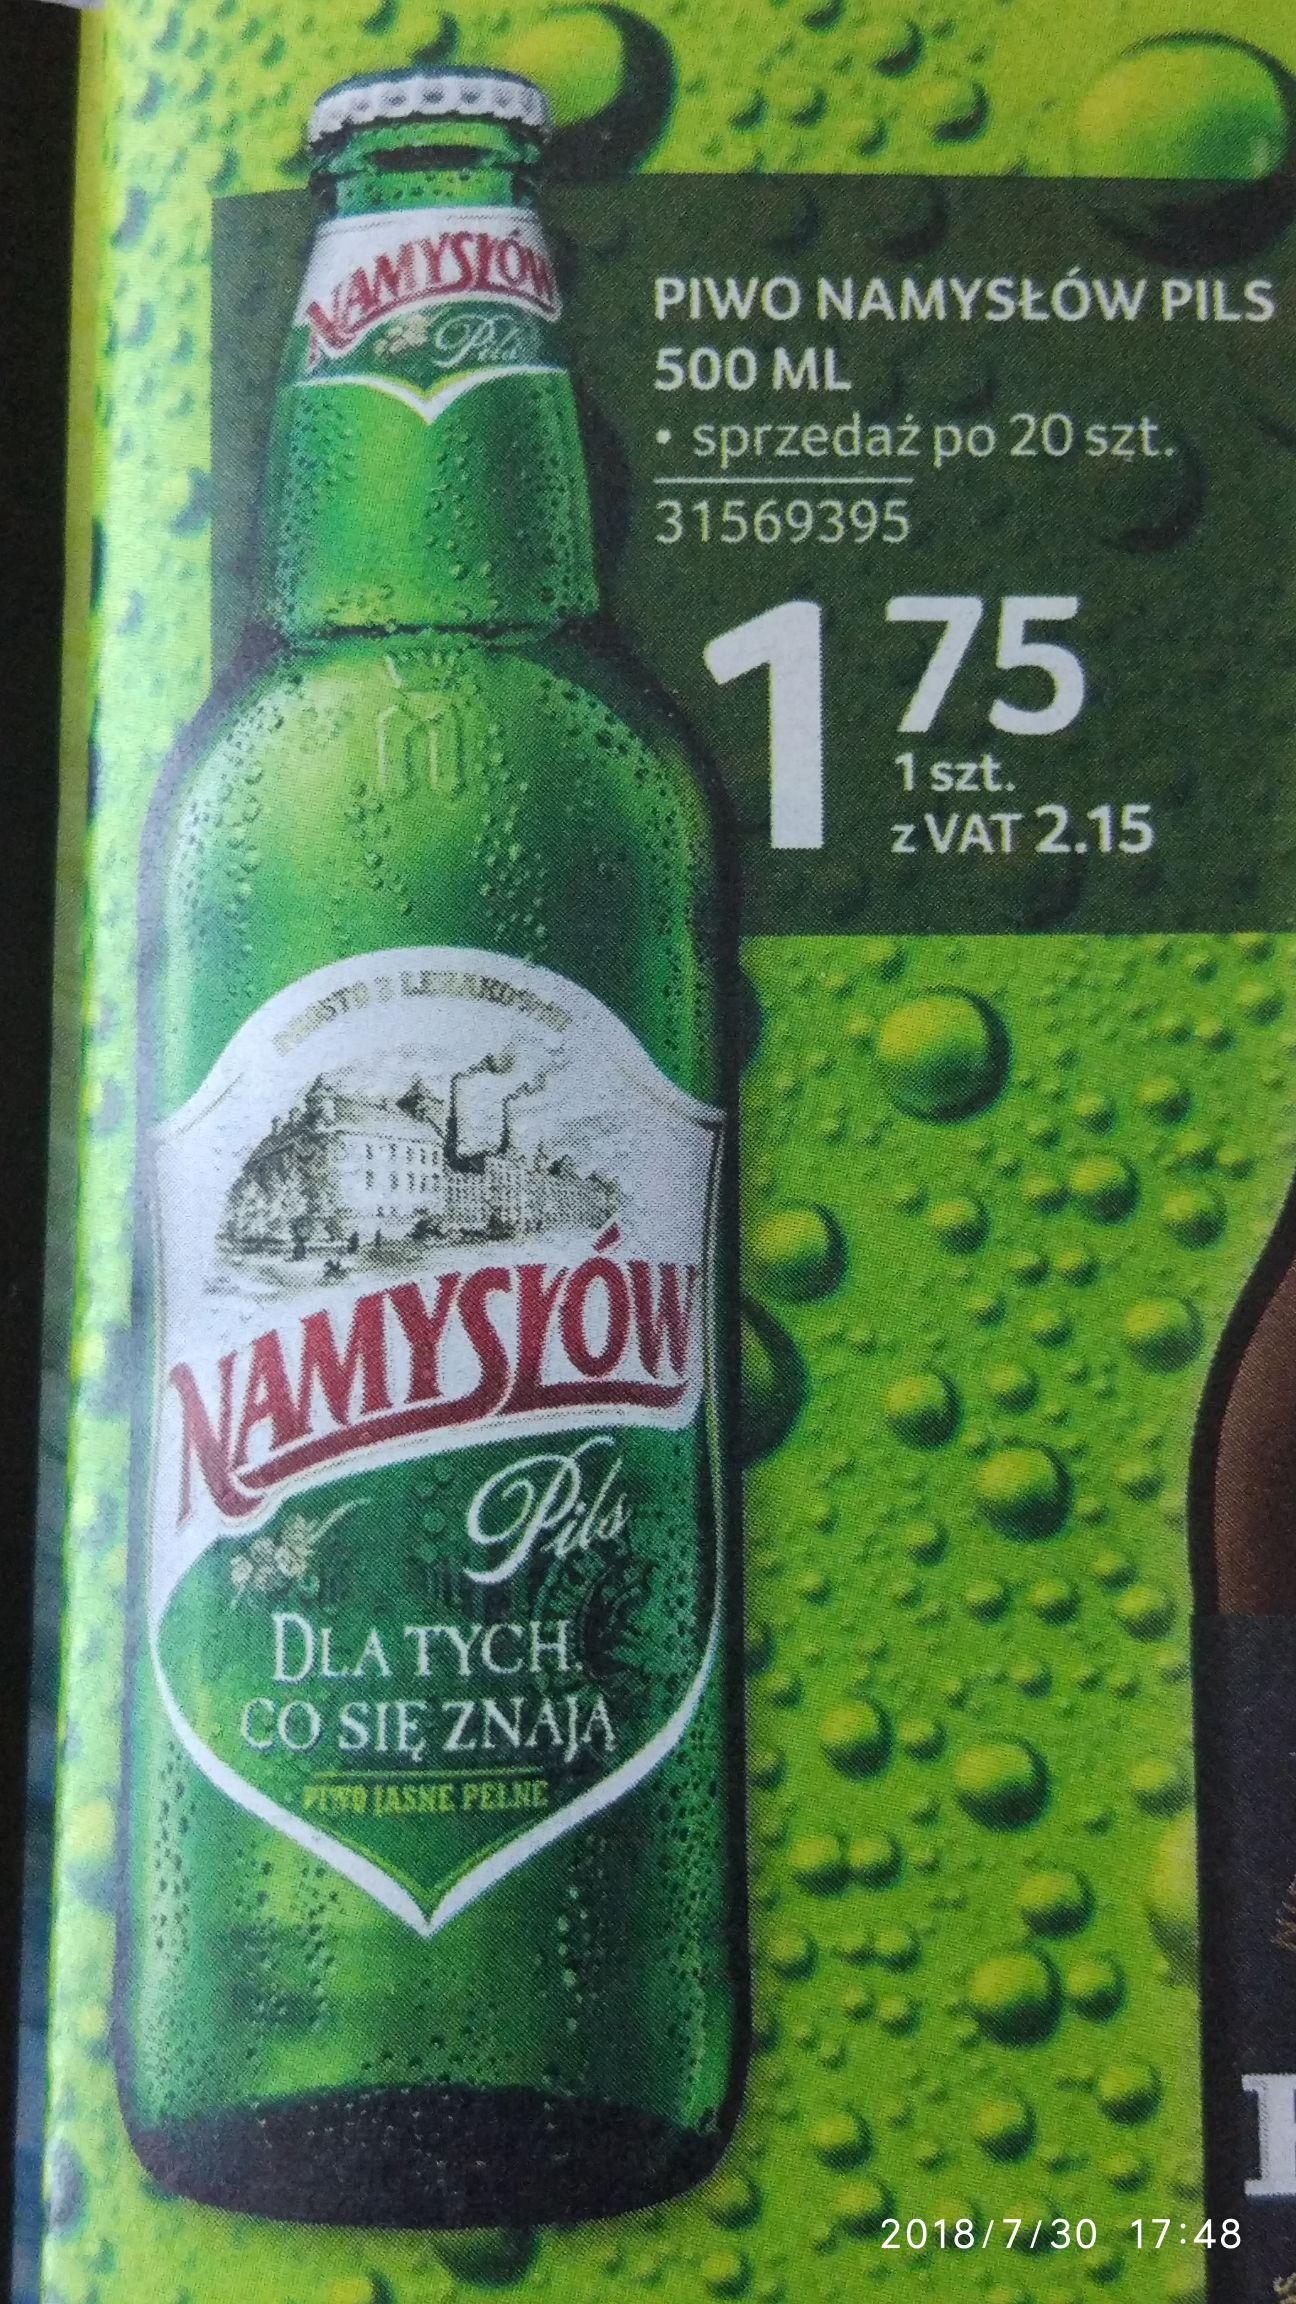 Piwo Namysłów - Selgros